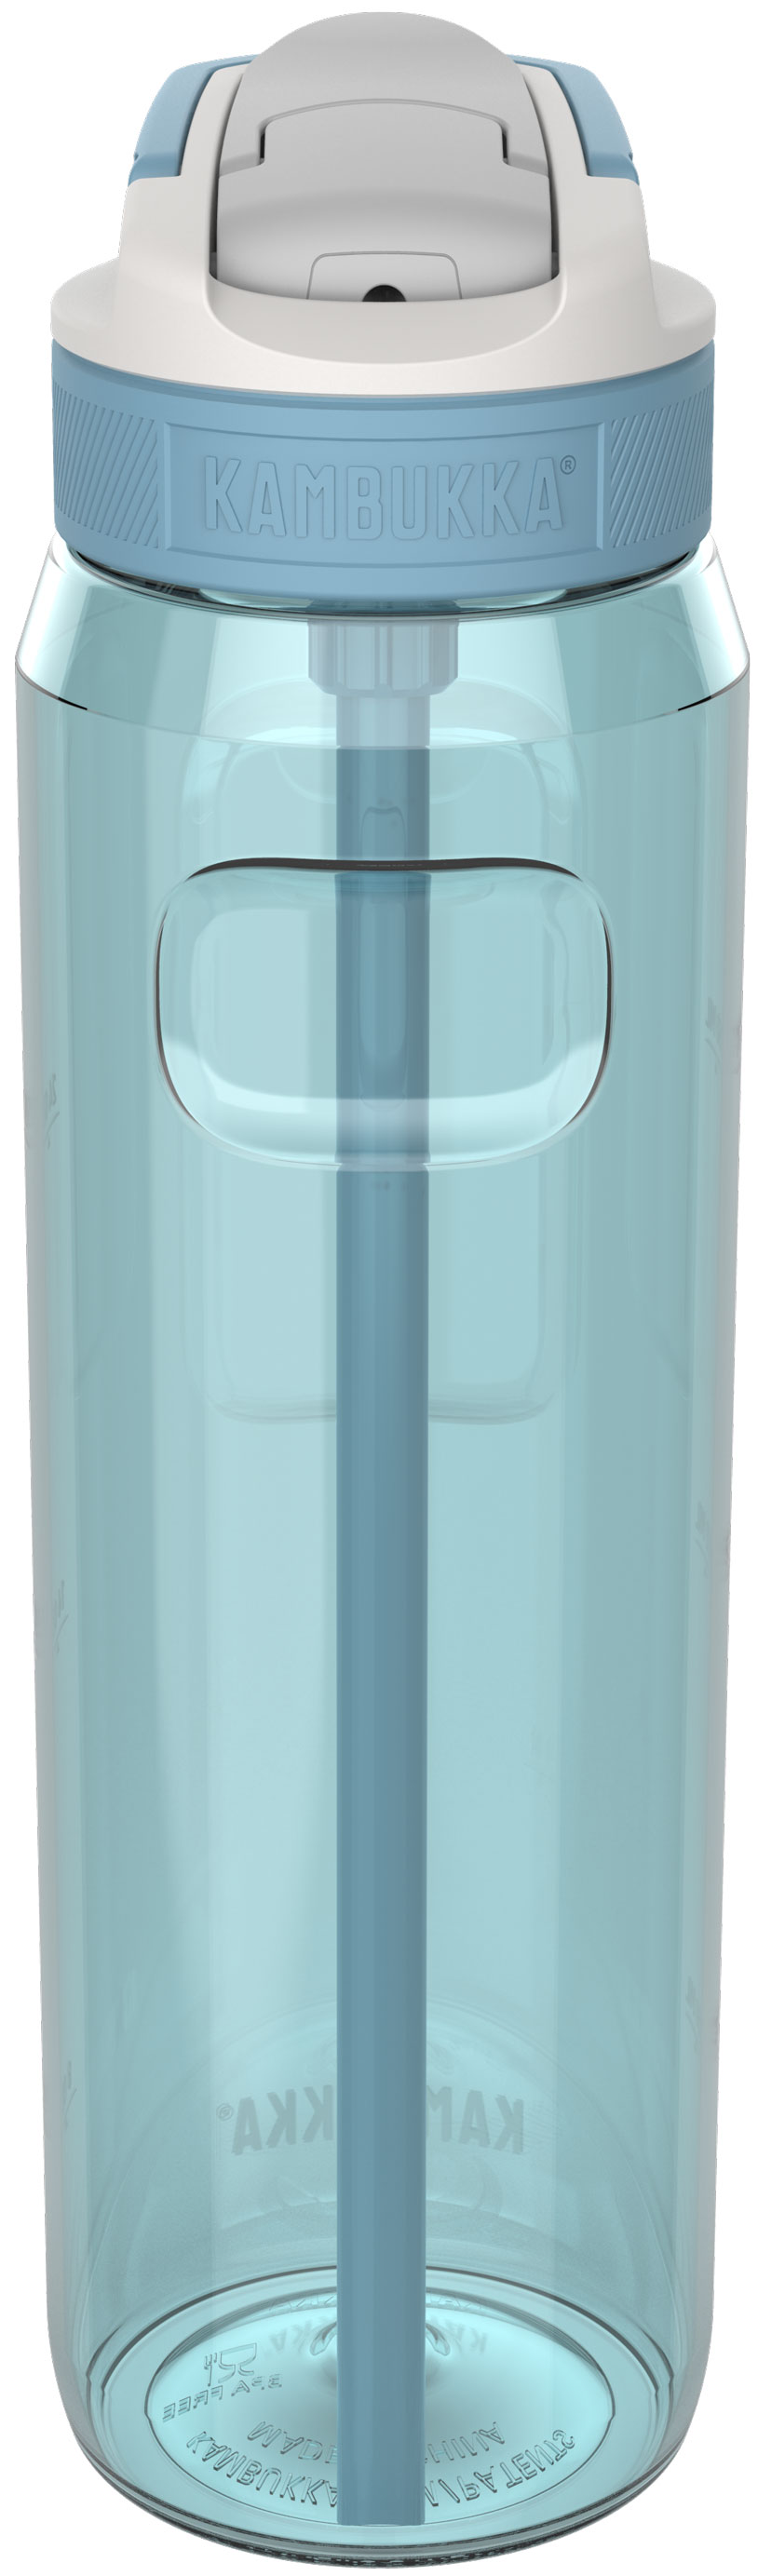 בקבוק שתיה תכלת 1 ליטר Kambukka Lagoon Arctic Blue קמבוקה